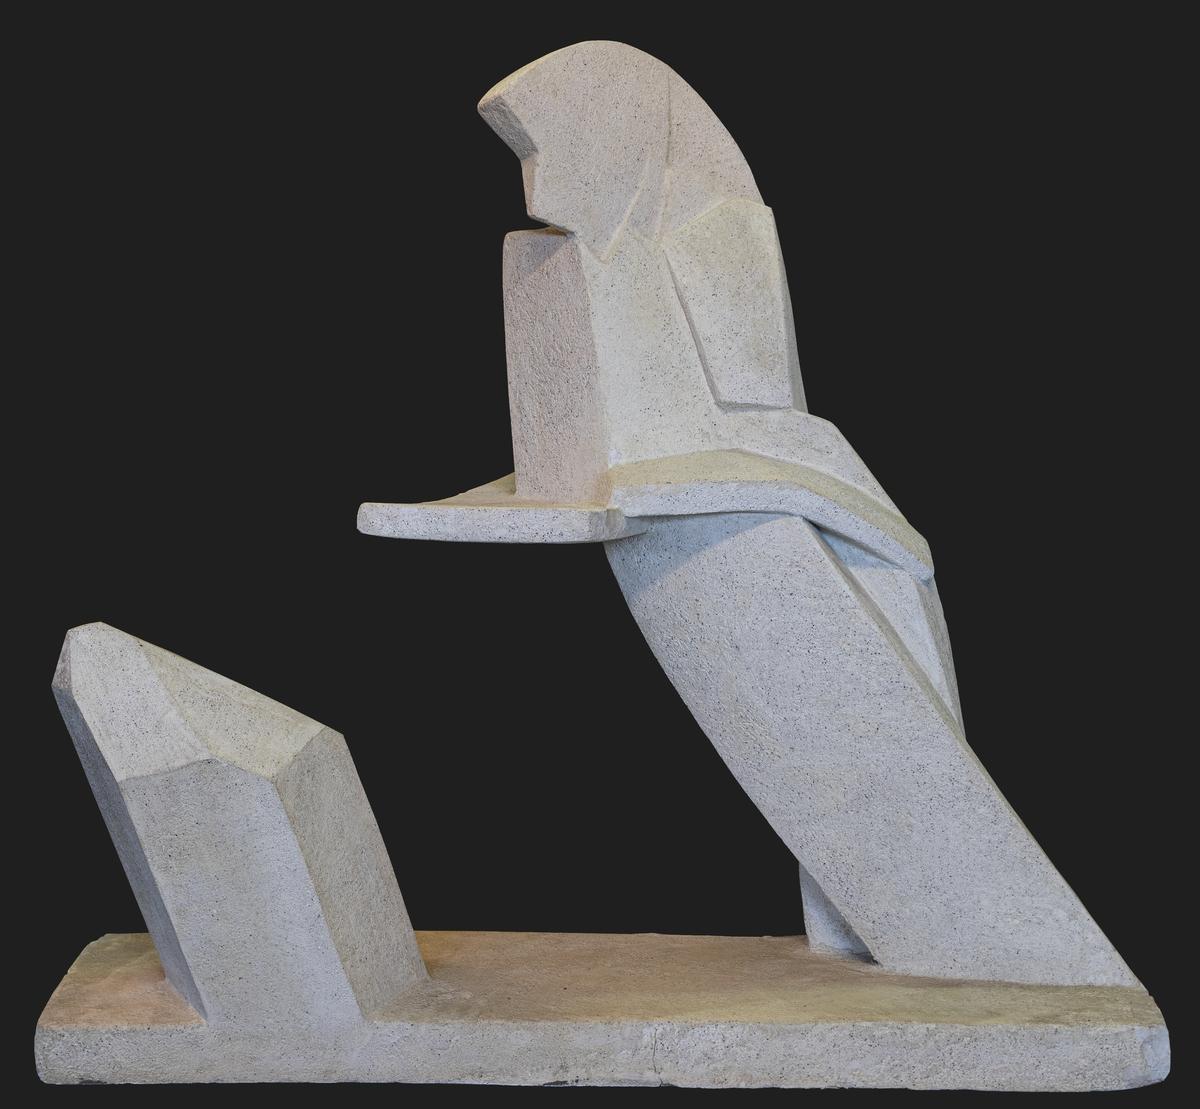 """En abstrakt skulptur. Underst en sockel från vilken en mycket förenklad form/abstrakt form av en människa står lutad mot ett """"stödplan"""" som svävar fritt utan stöd. Bredvid skjuter en bergkristallliknande form upp från sockeln.  Ytan består av ett tunt skikt av ljust grå betong. Betongytan ger intrycket att skulpturen är mycket tung, vilket inte är fallet då kärnan är av frigolit. Hela skulpturen är en spännande lek med tyngdlagen."""